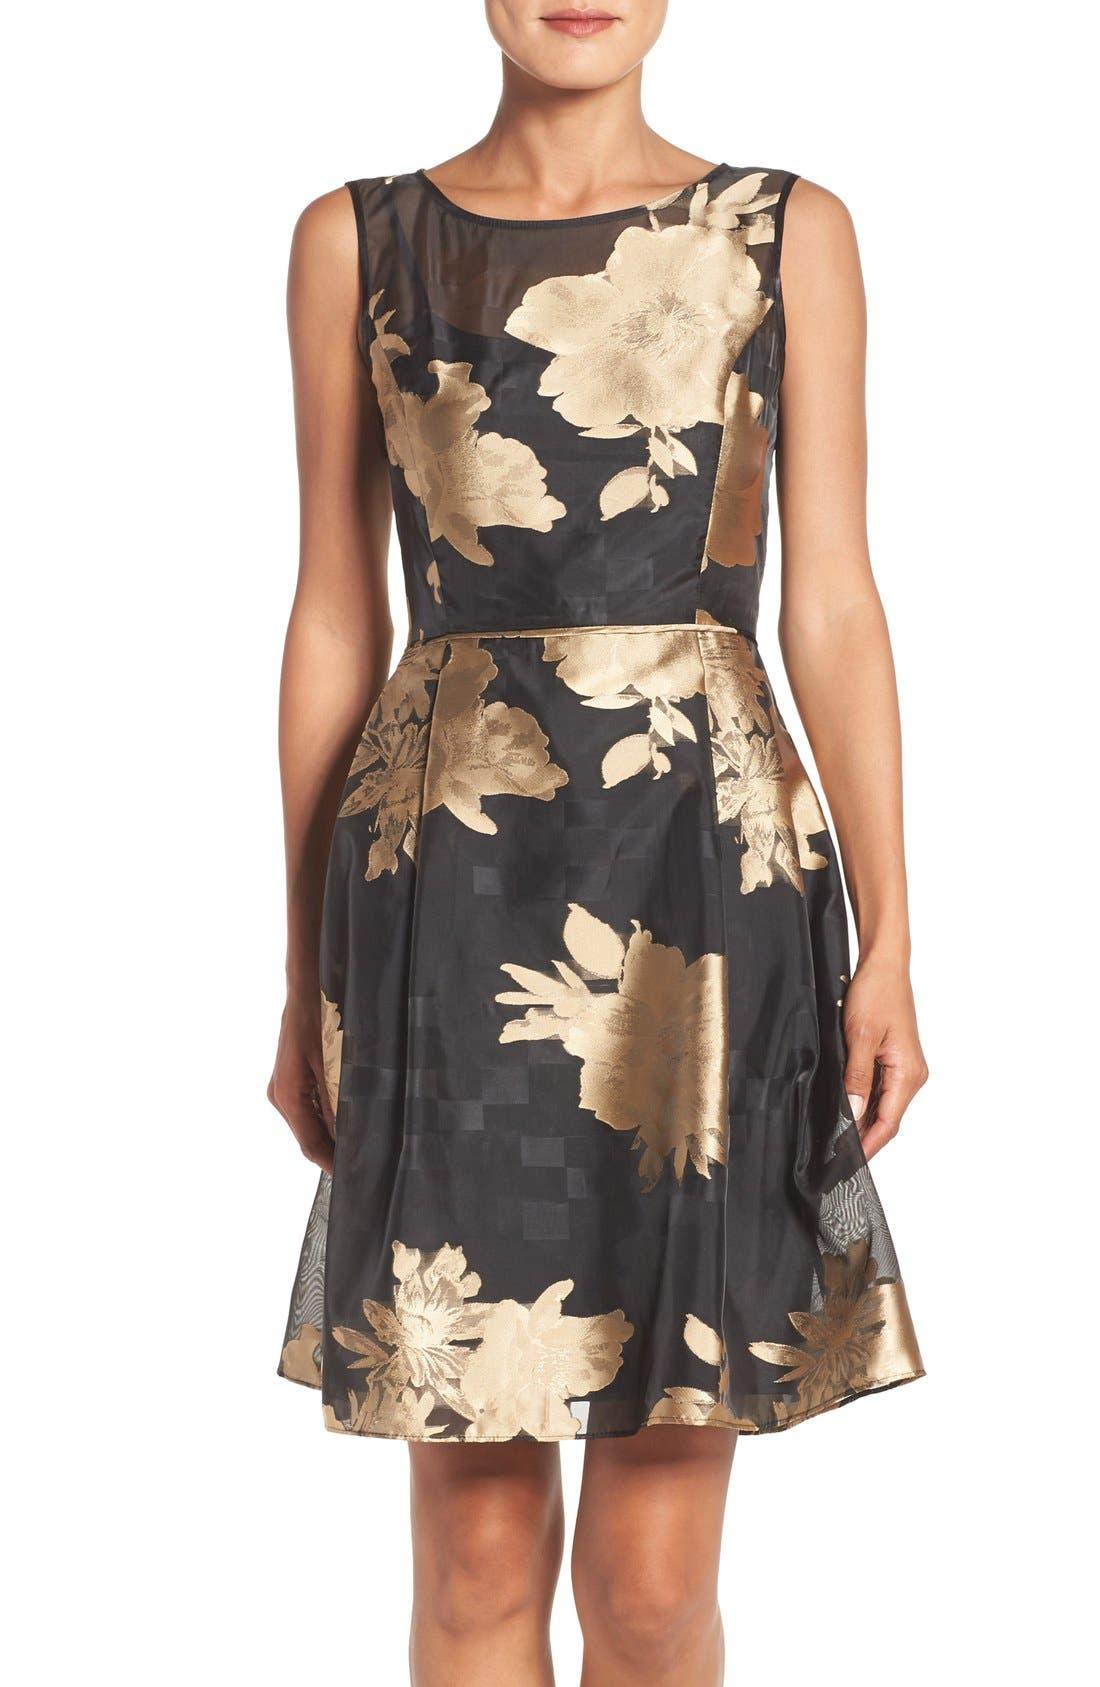 ELLEN TRACY Burnout Floral Fit & Flare Dress